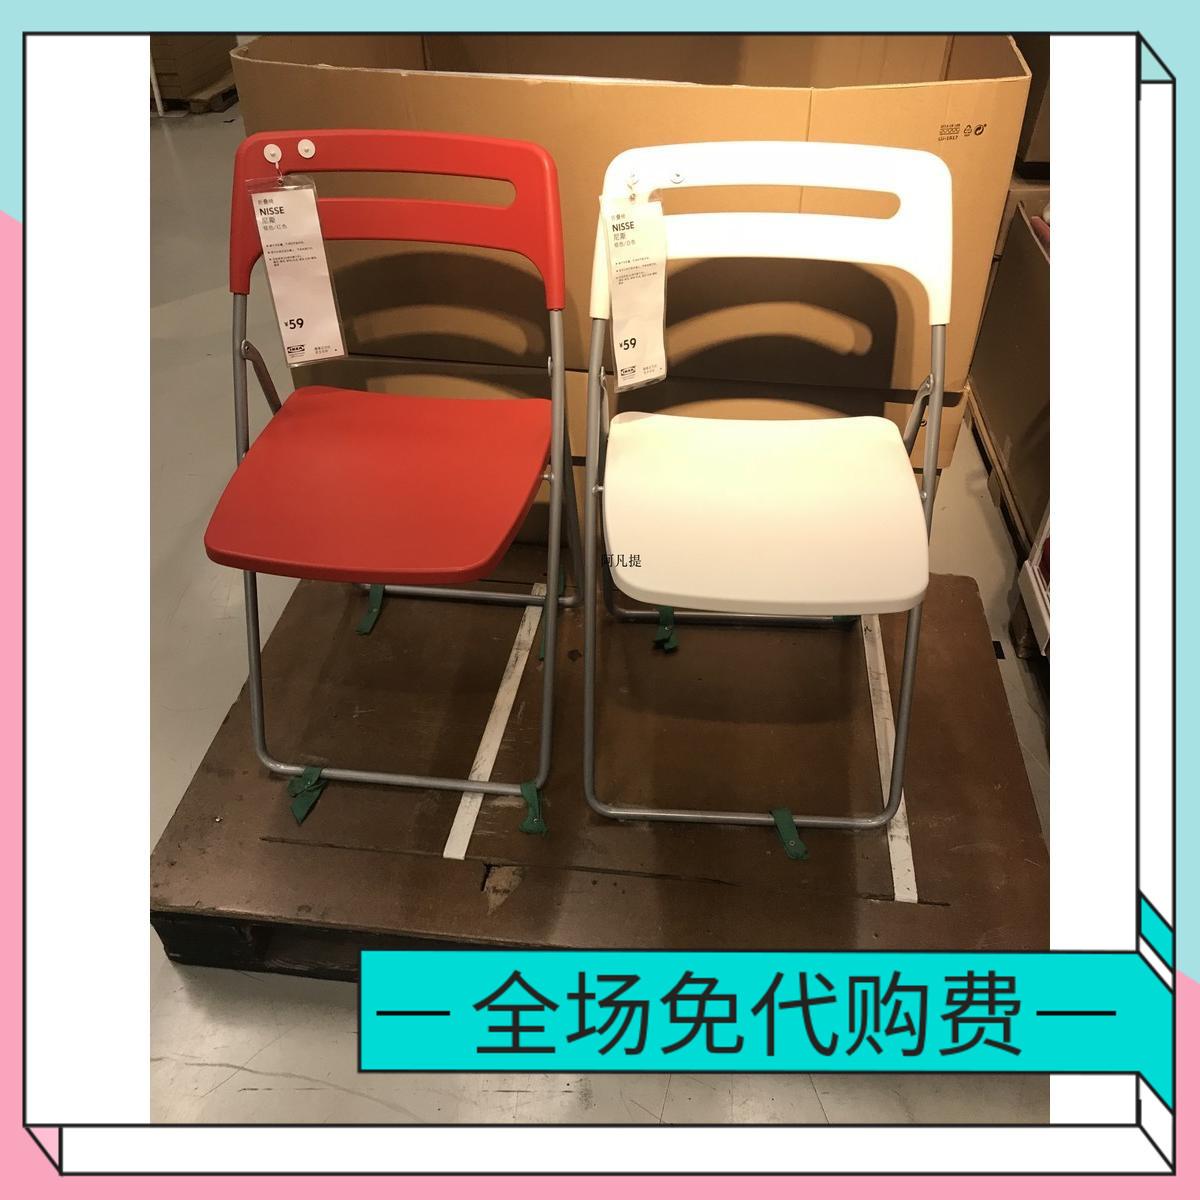 4 宜家折叠椅尼斯折叠椅子餐椅办公工作椅子白色红色国内代购